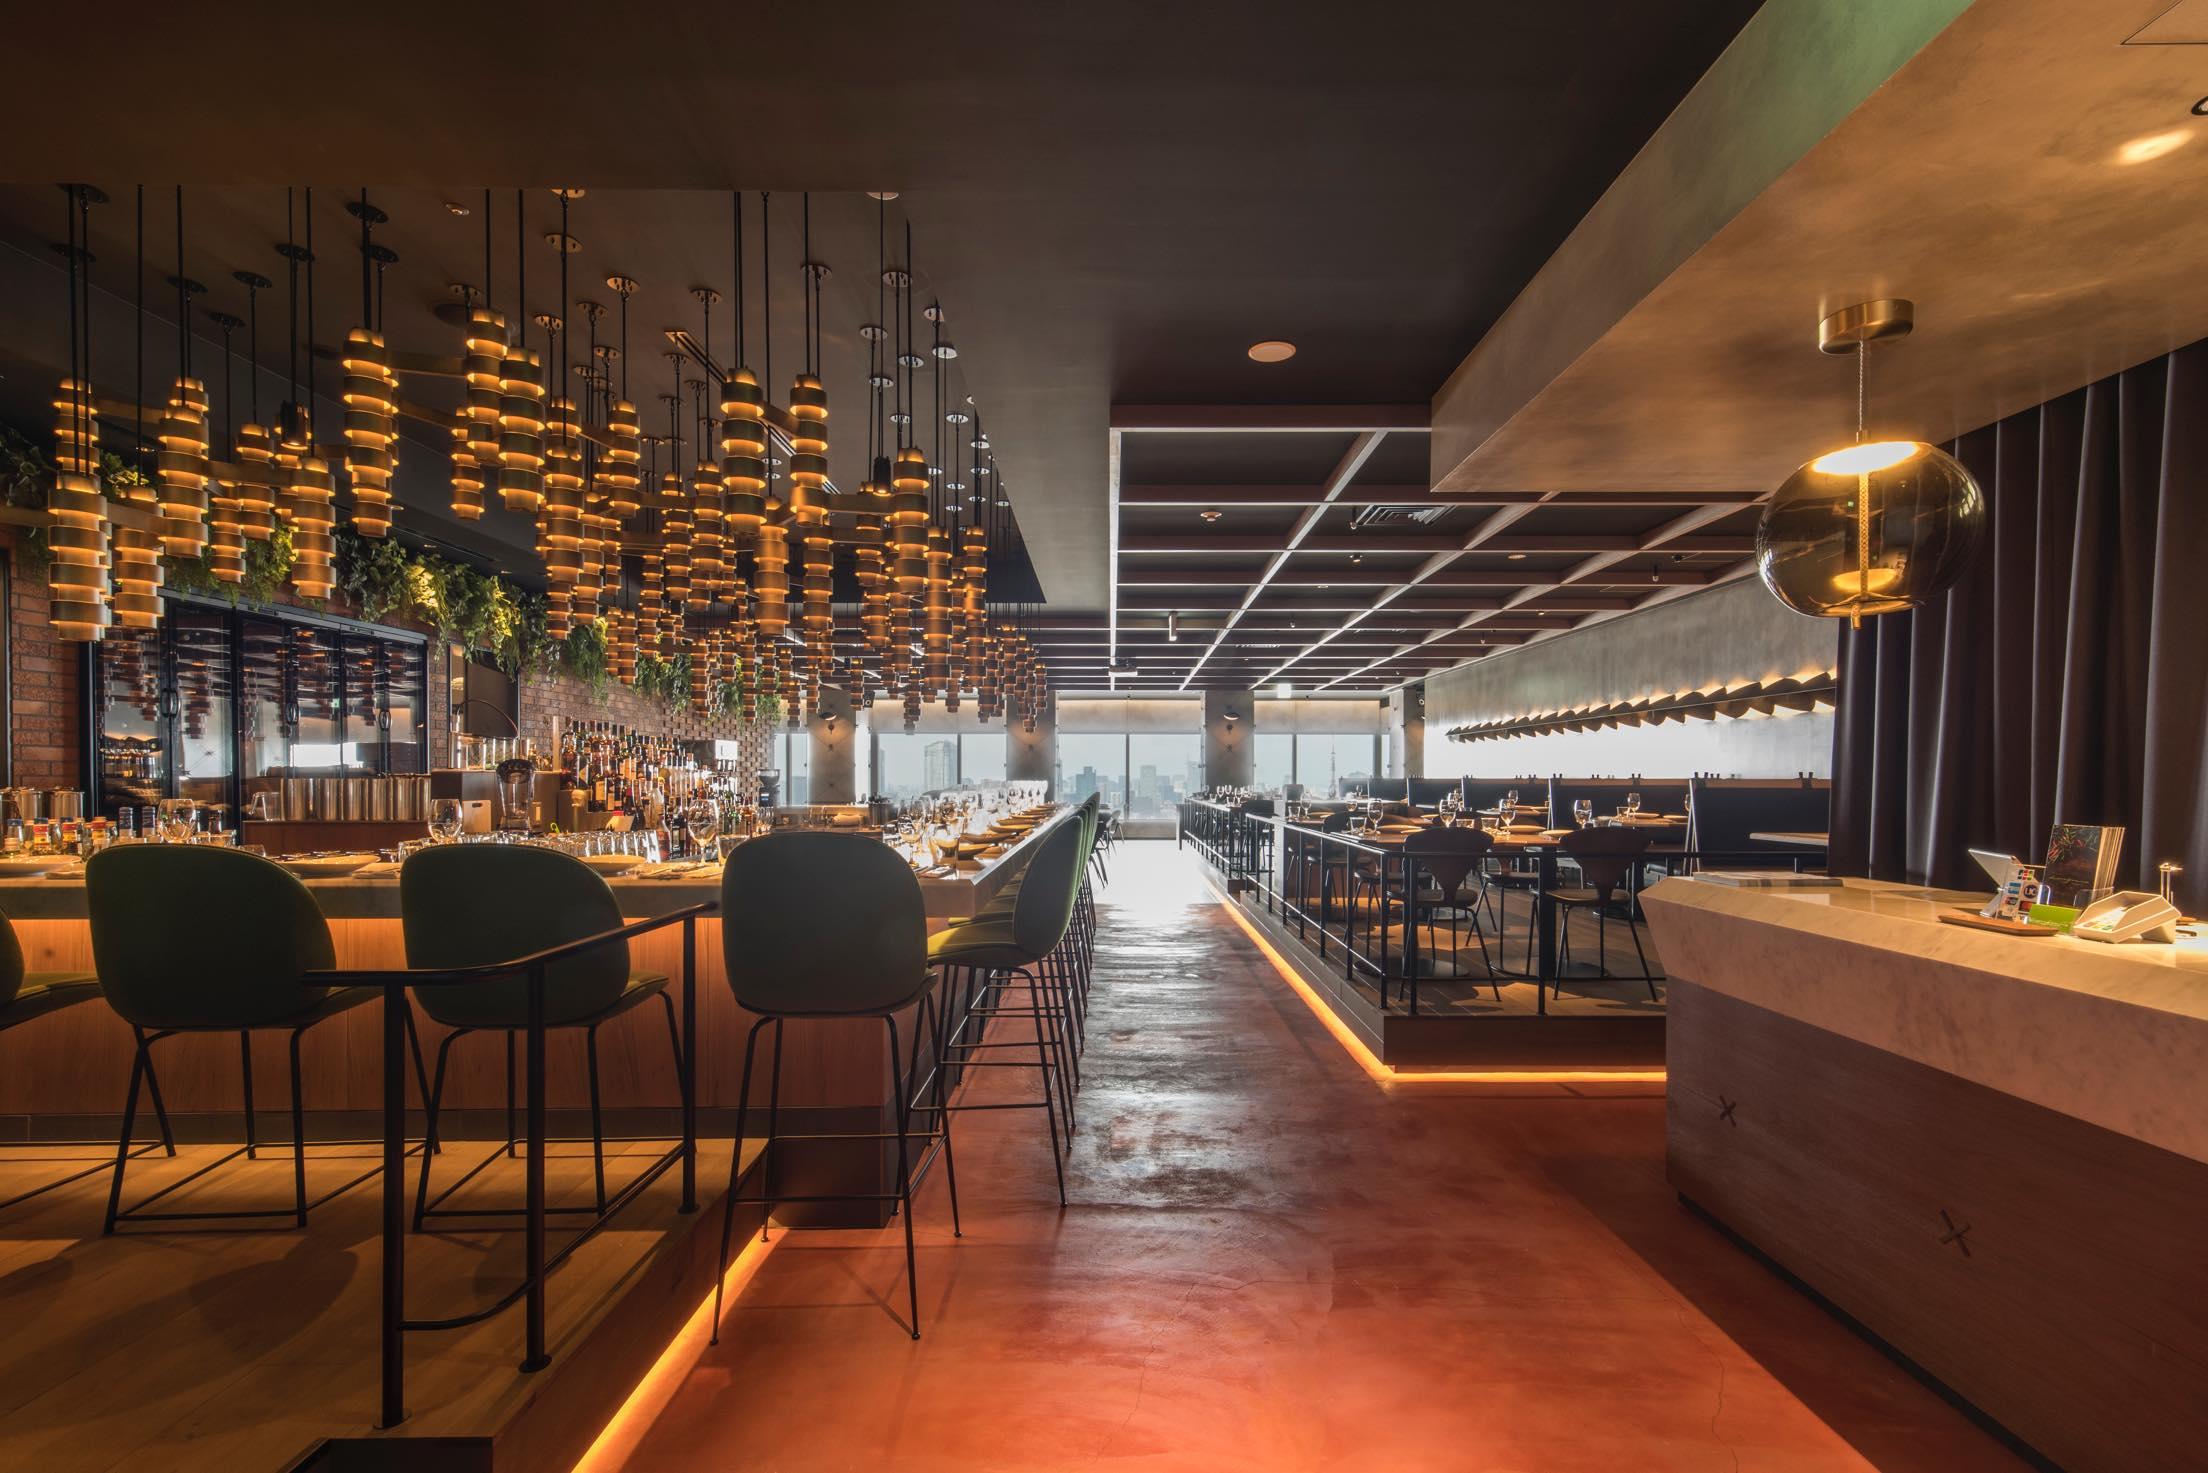 【事前予約でランチコース30%OFF!】高層階レストランで景色とともに楽しむモダン・アジアン料理